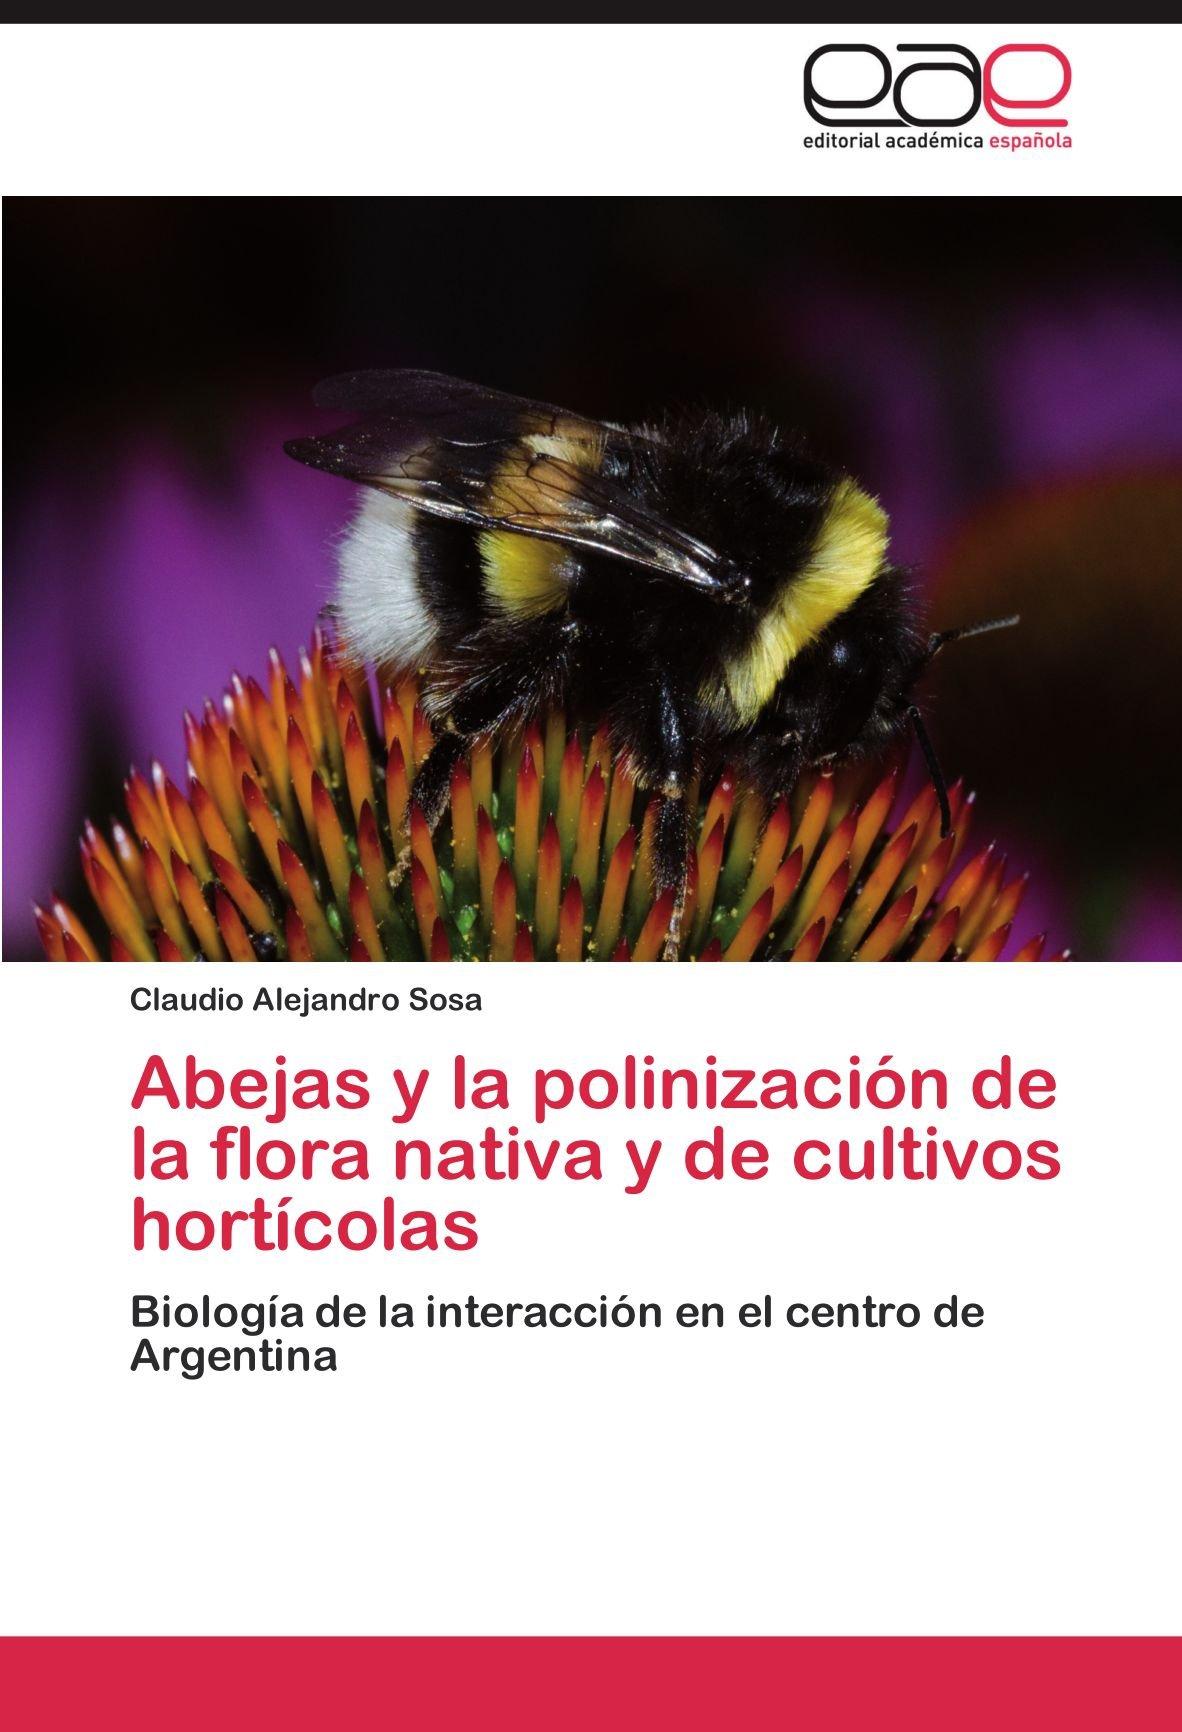 Abejas y la polinización de la flora nativa y de cultivos hortícolas: Biología de la interacción en el centro de Argentina: Amazon.es: Sosa, Claudio Alejandro: Libros